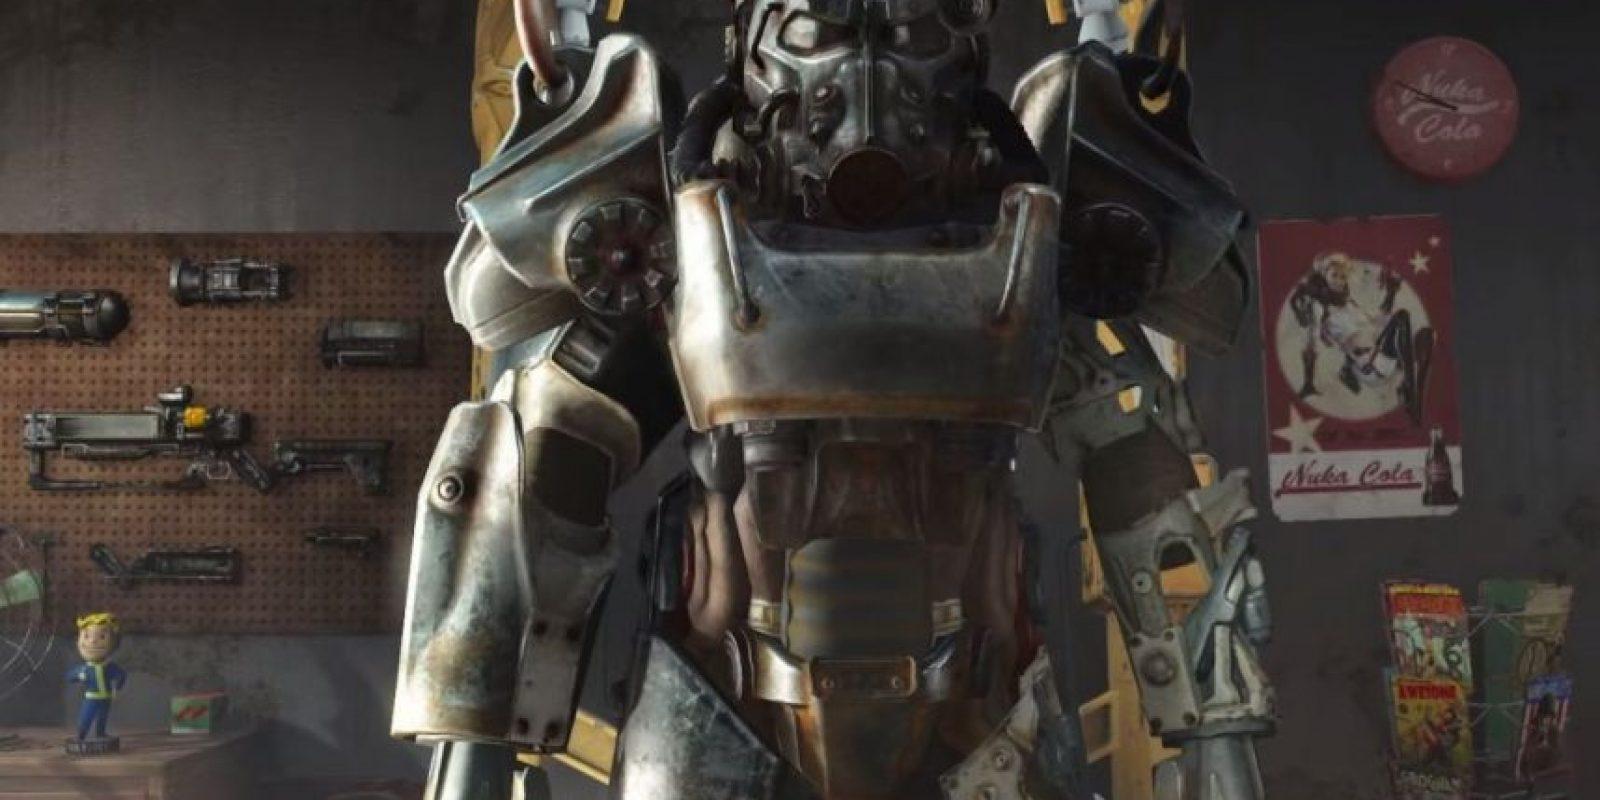 La armadura del personaje principal. Foto:Bethesda Softworks